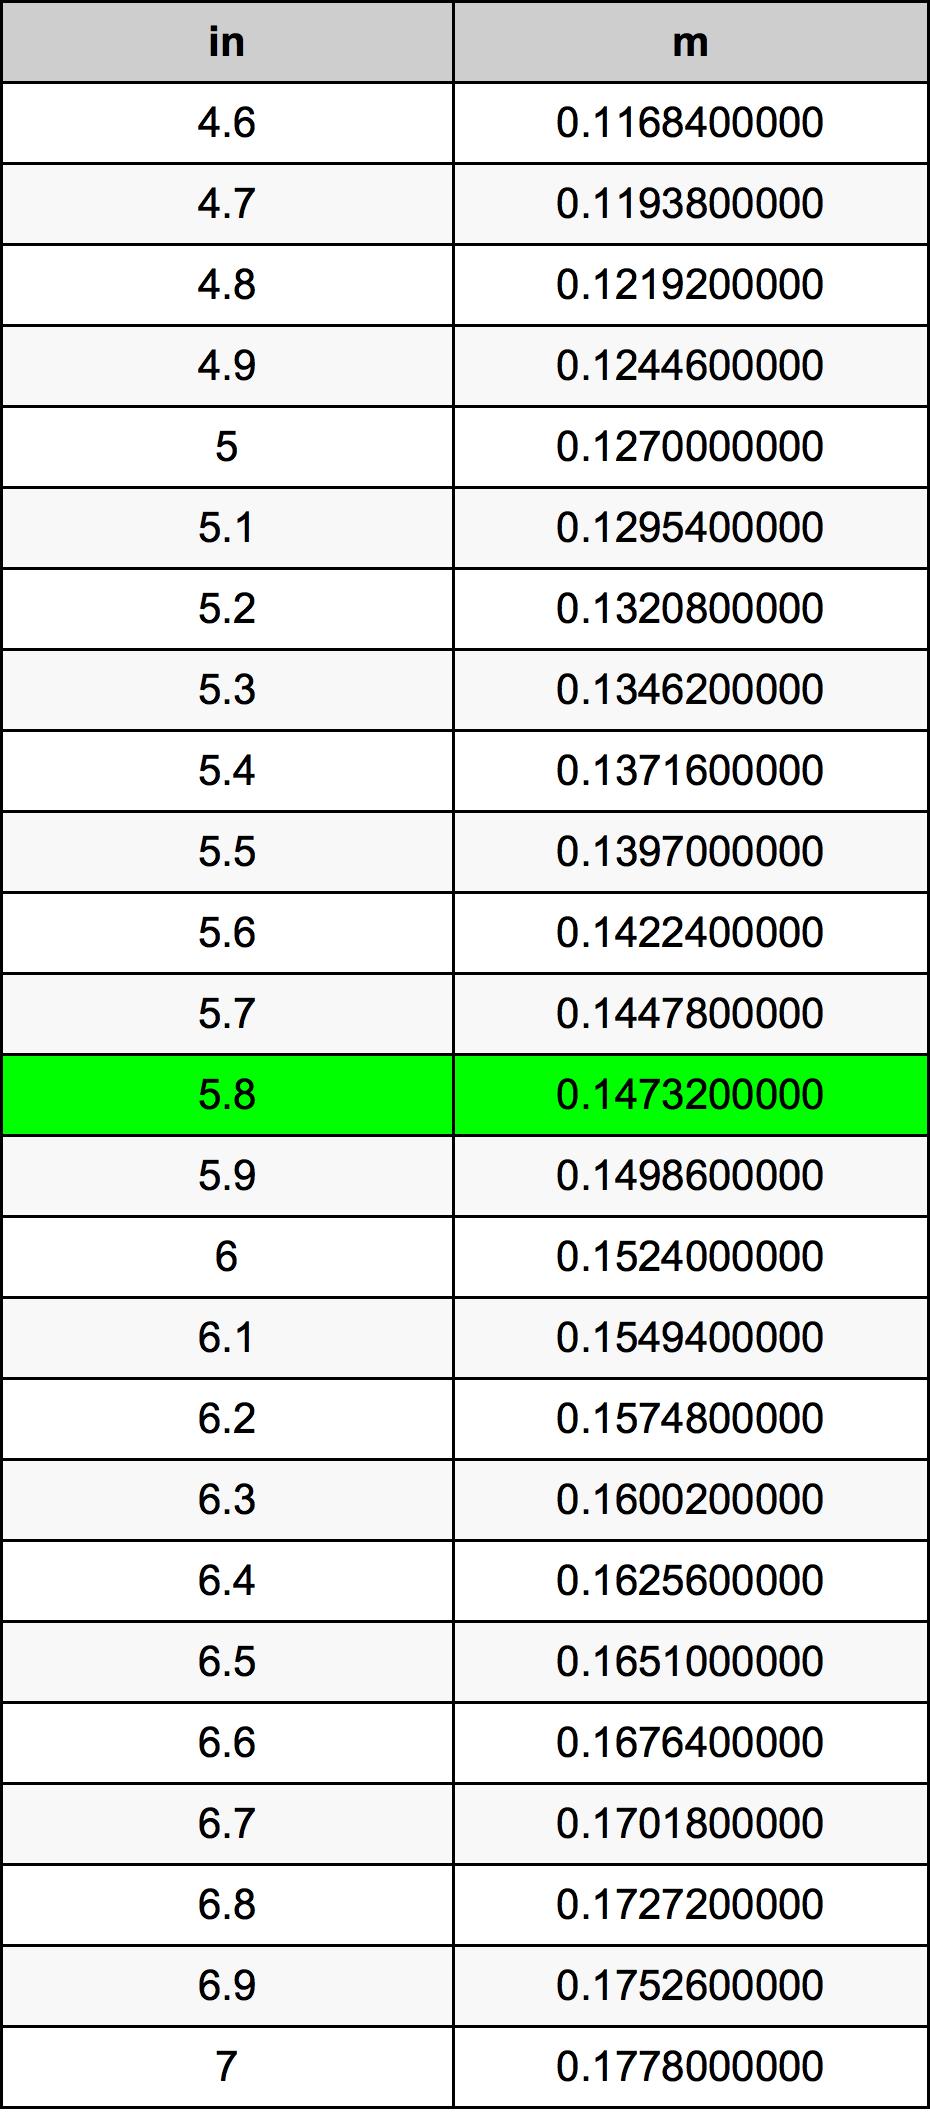 5.8 Pulzier konverżjoni tabella